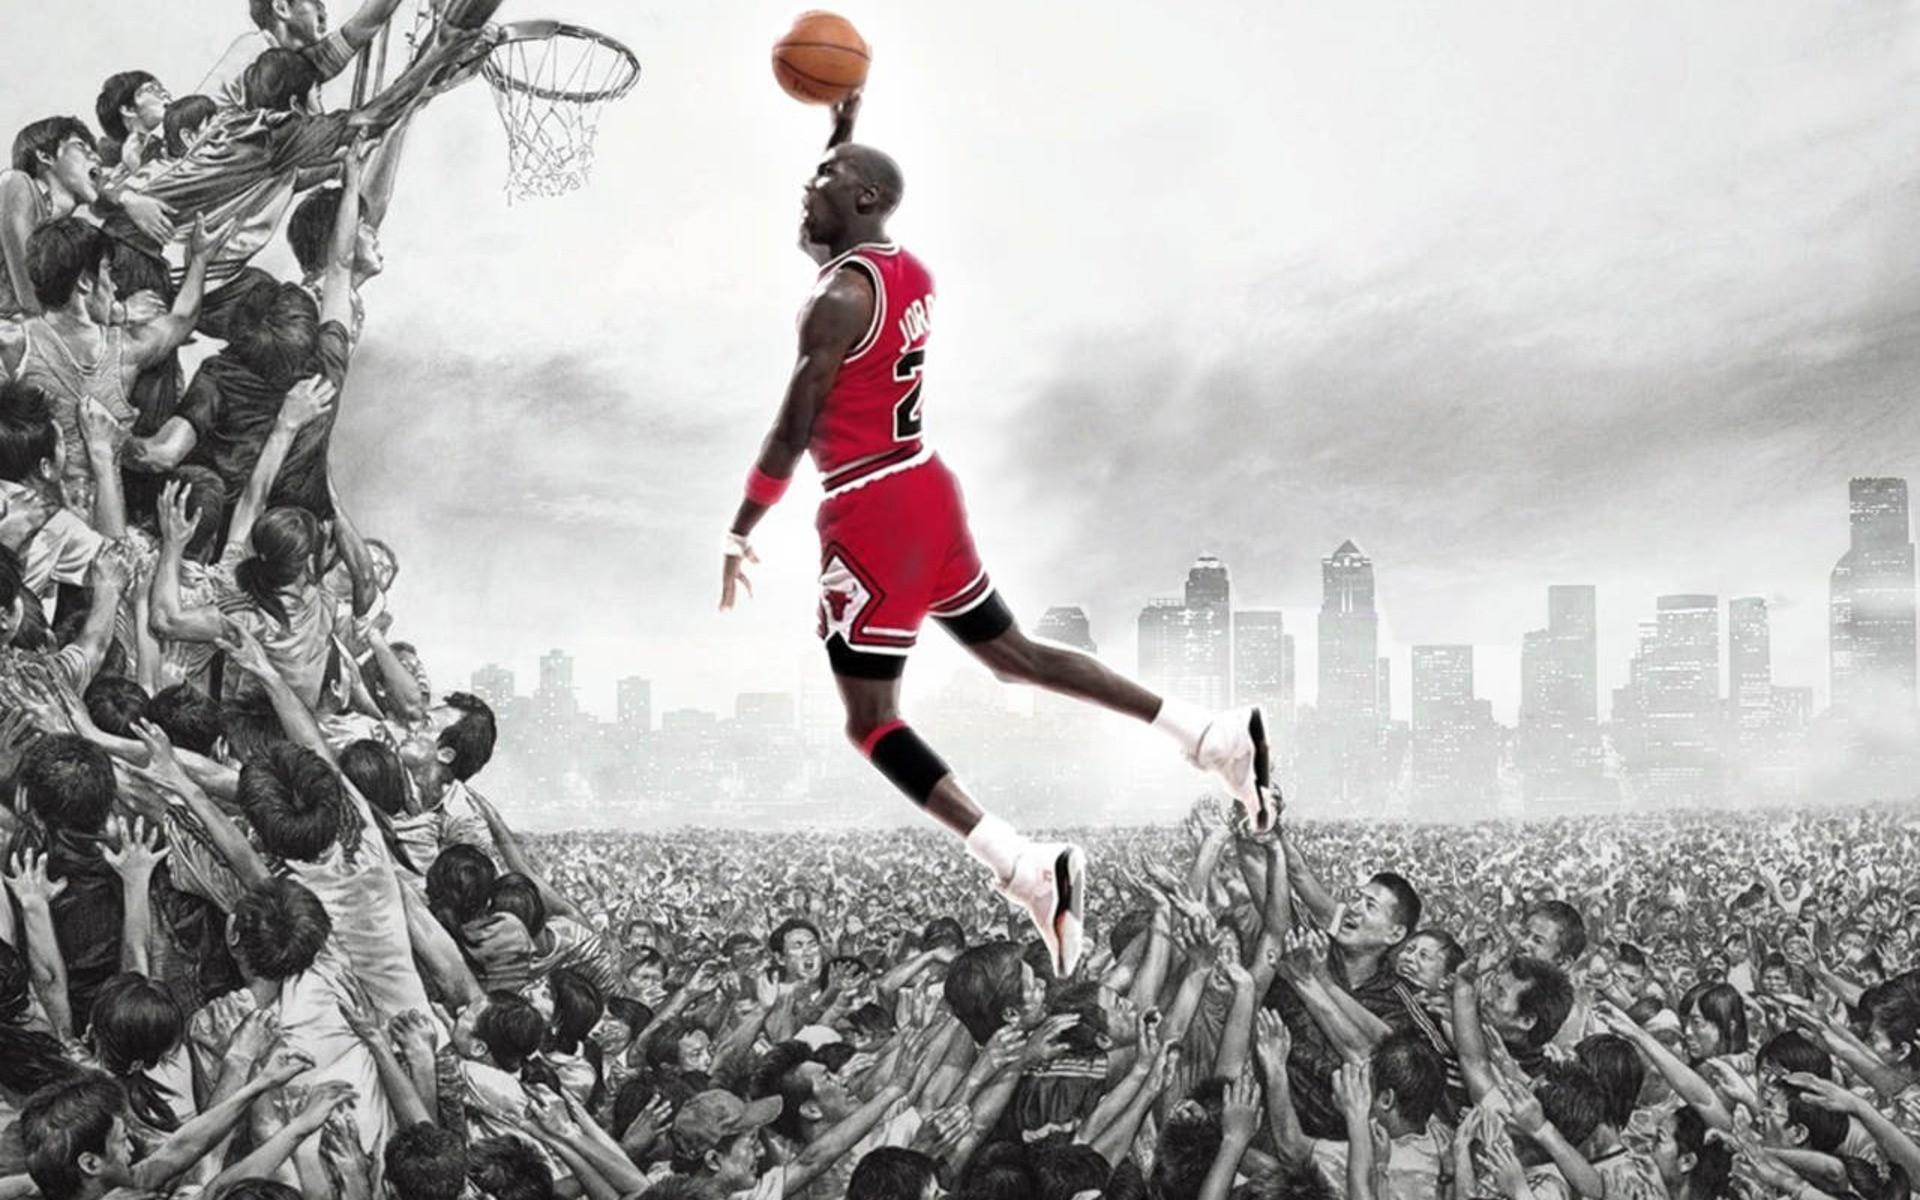 Res: 1920x1200, Air Jordan Shoes Wallpaper Hd